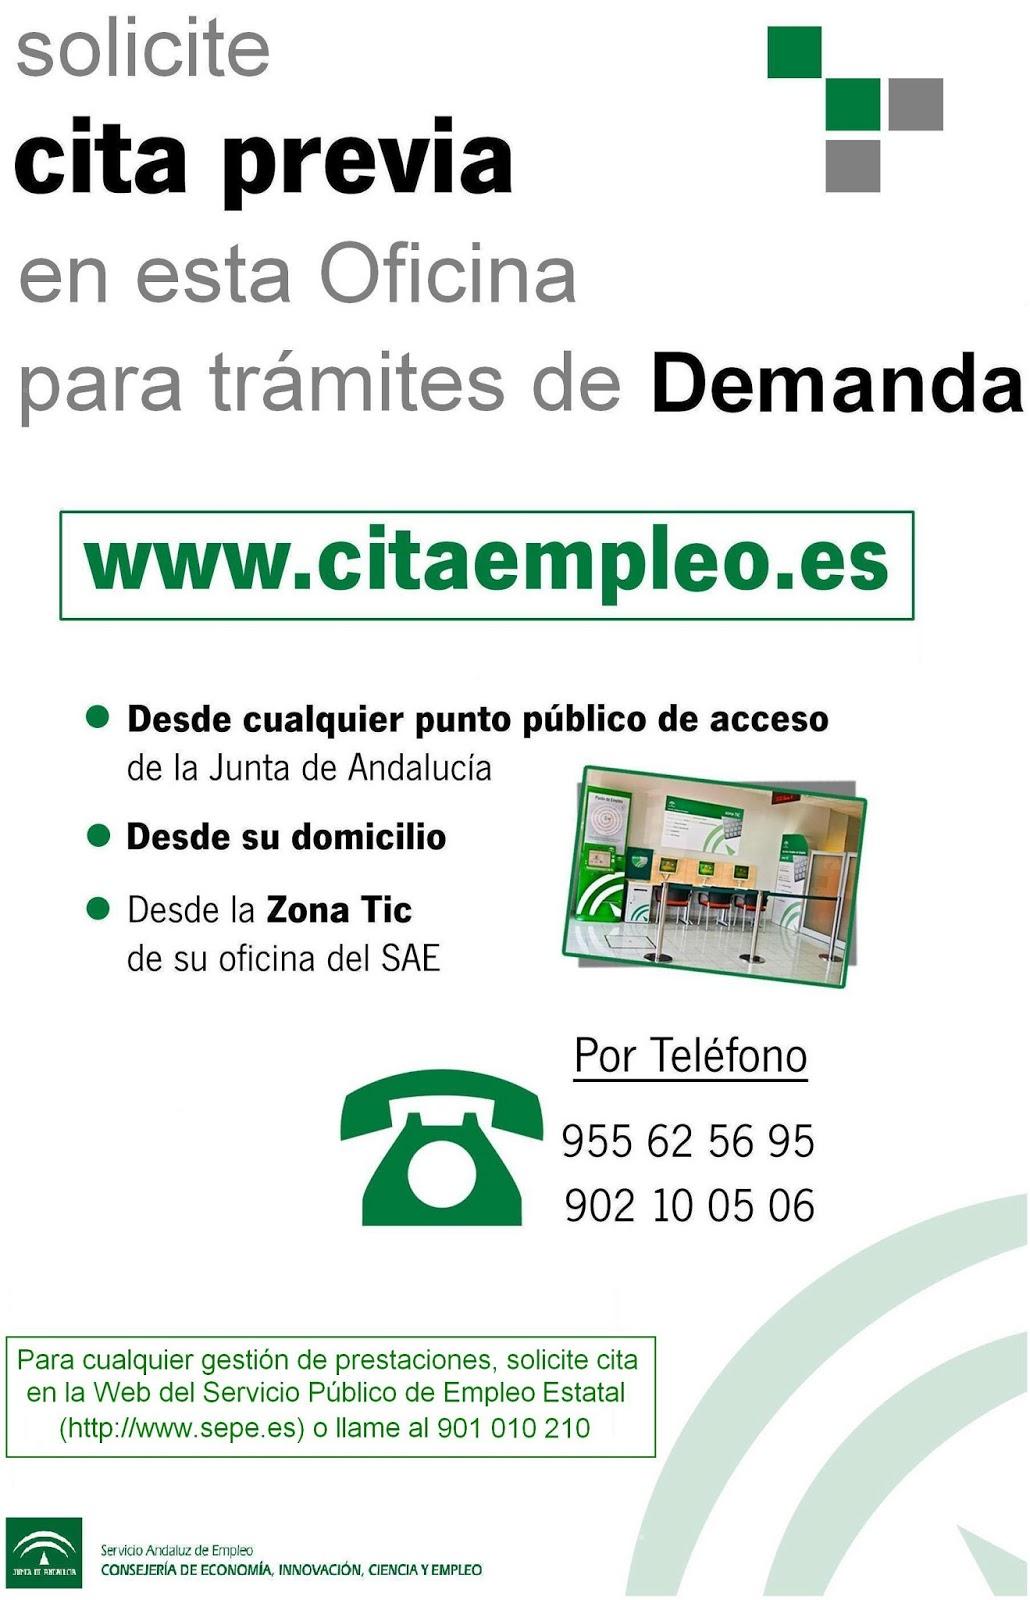 Cita previa para la oficina de empleo de mairena del alcor desarrolla t - Oficina de empleo andalucia ...